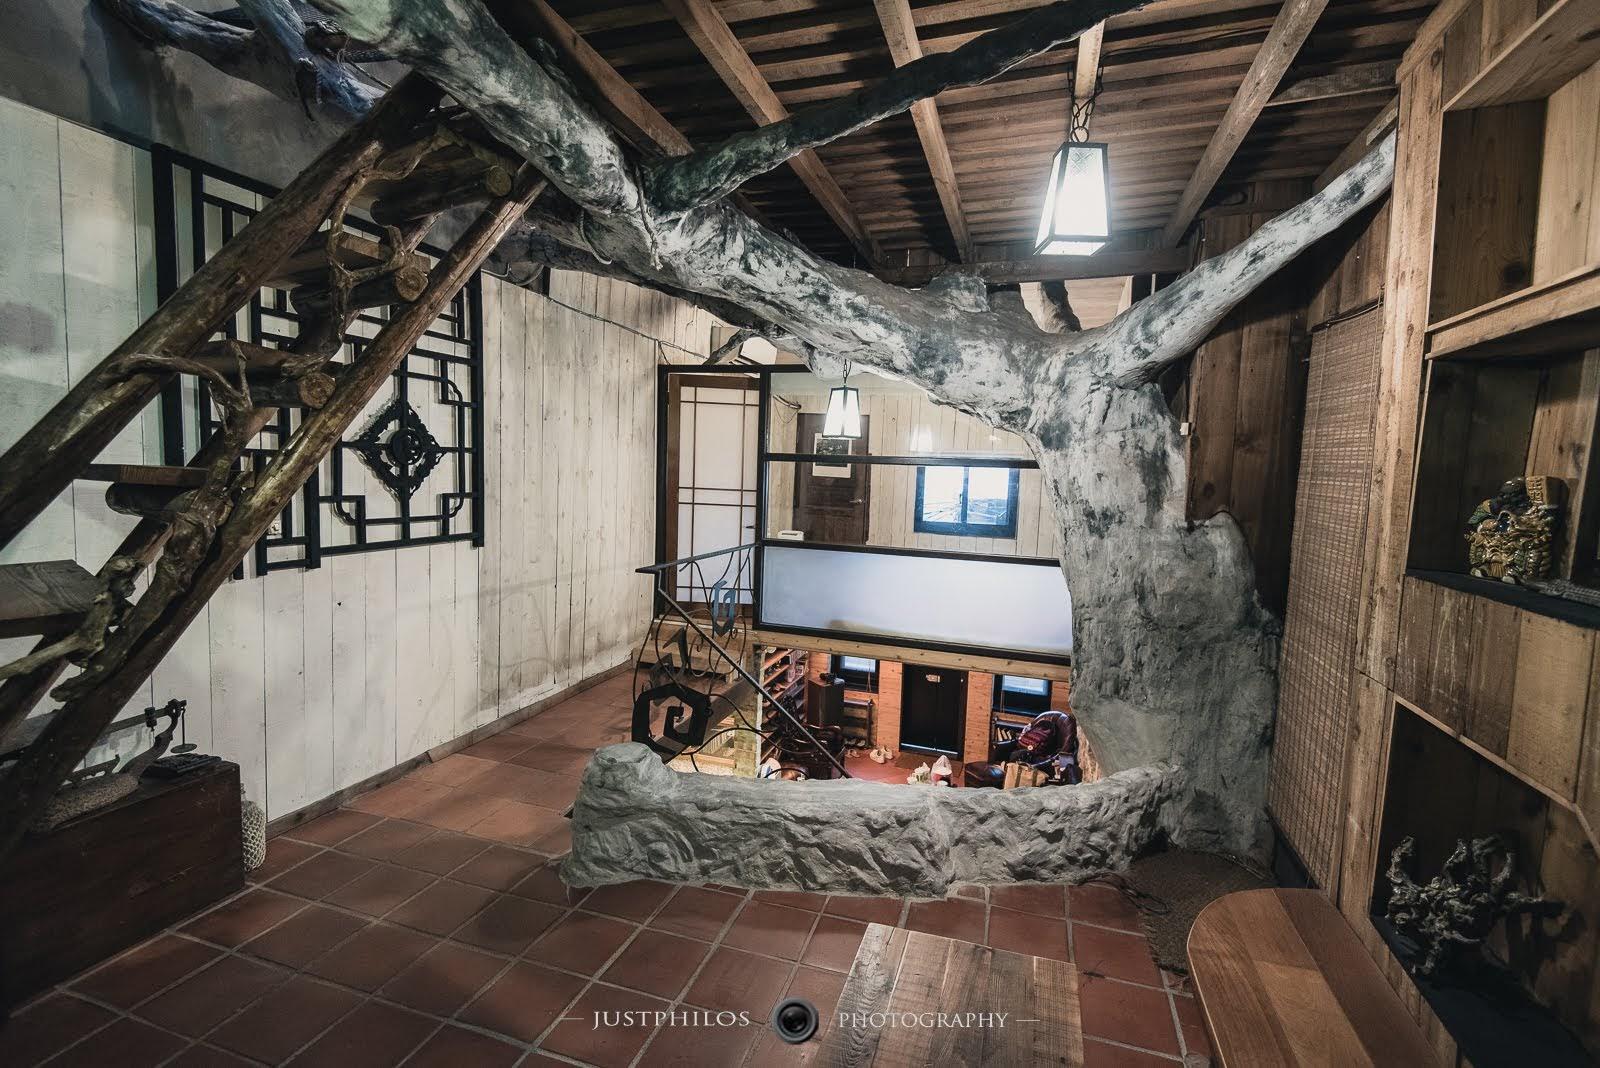 屋內有一棵老樹的構造,不太確認是否是本身就有的樹枝。但整體而言的設計感還不錯。